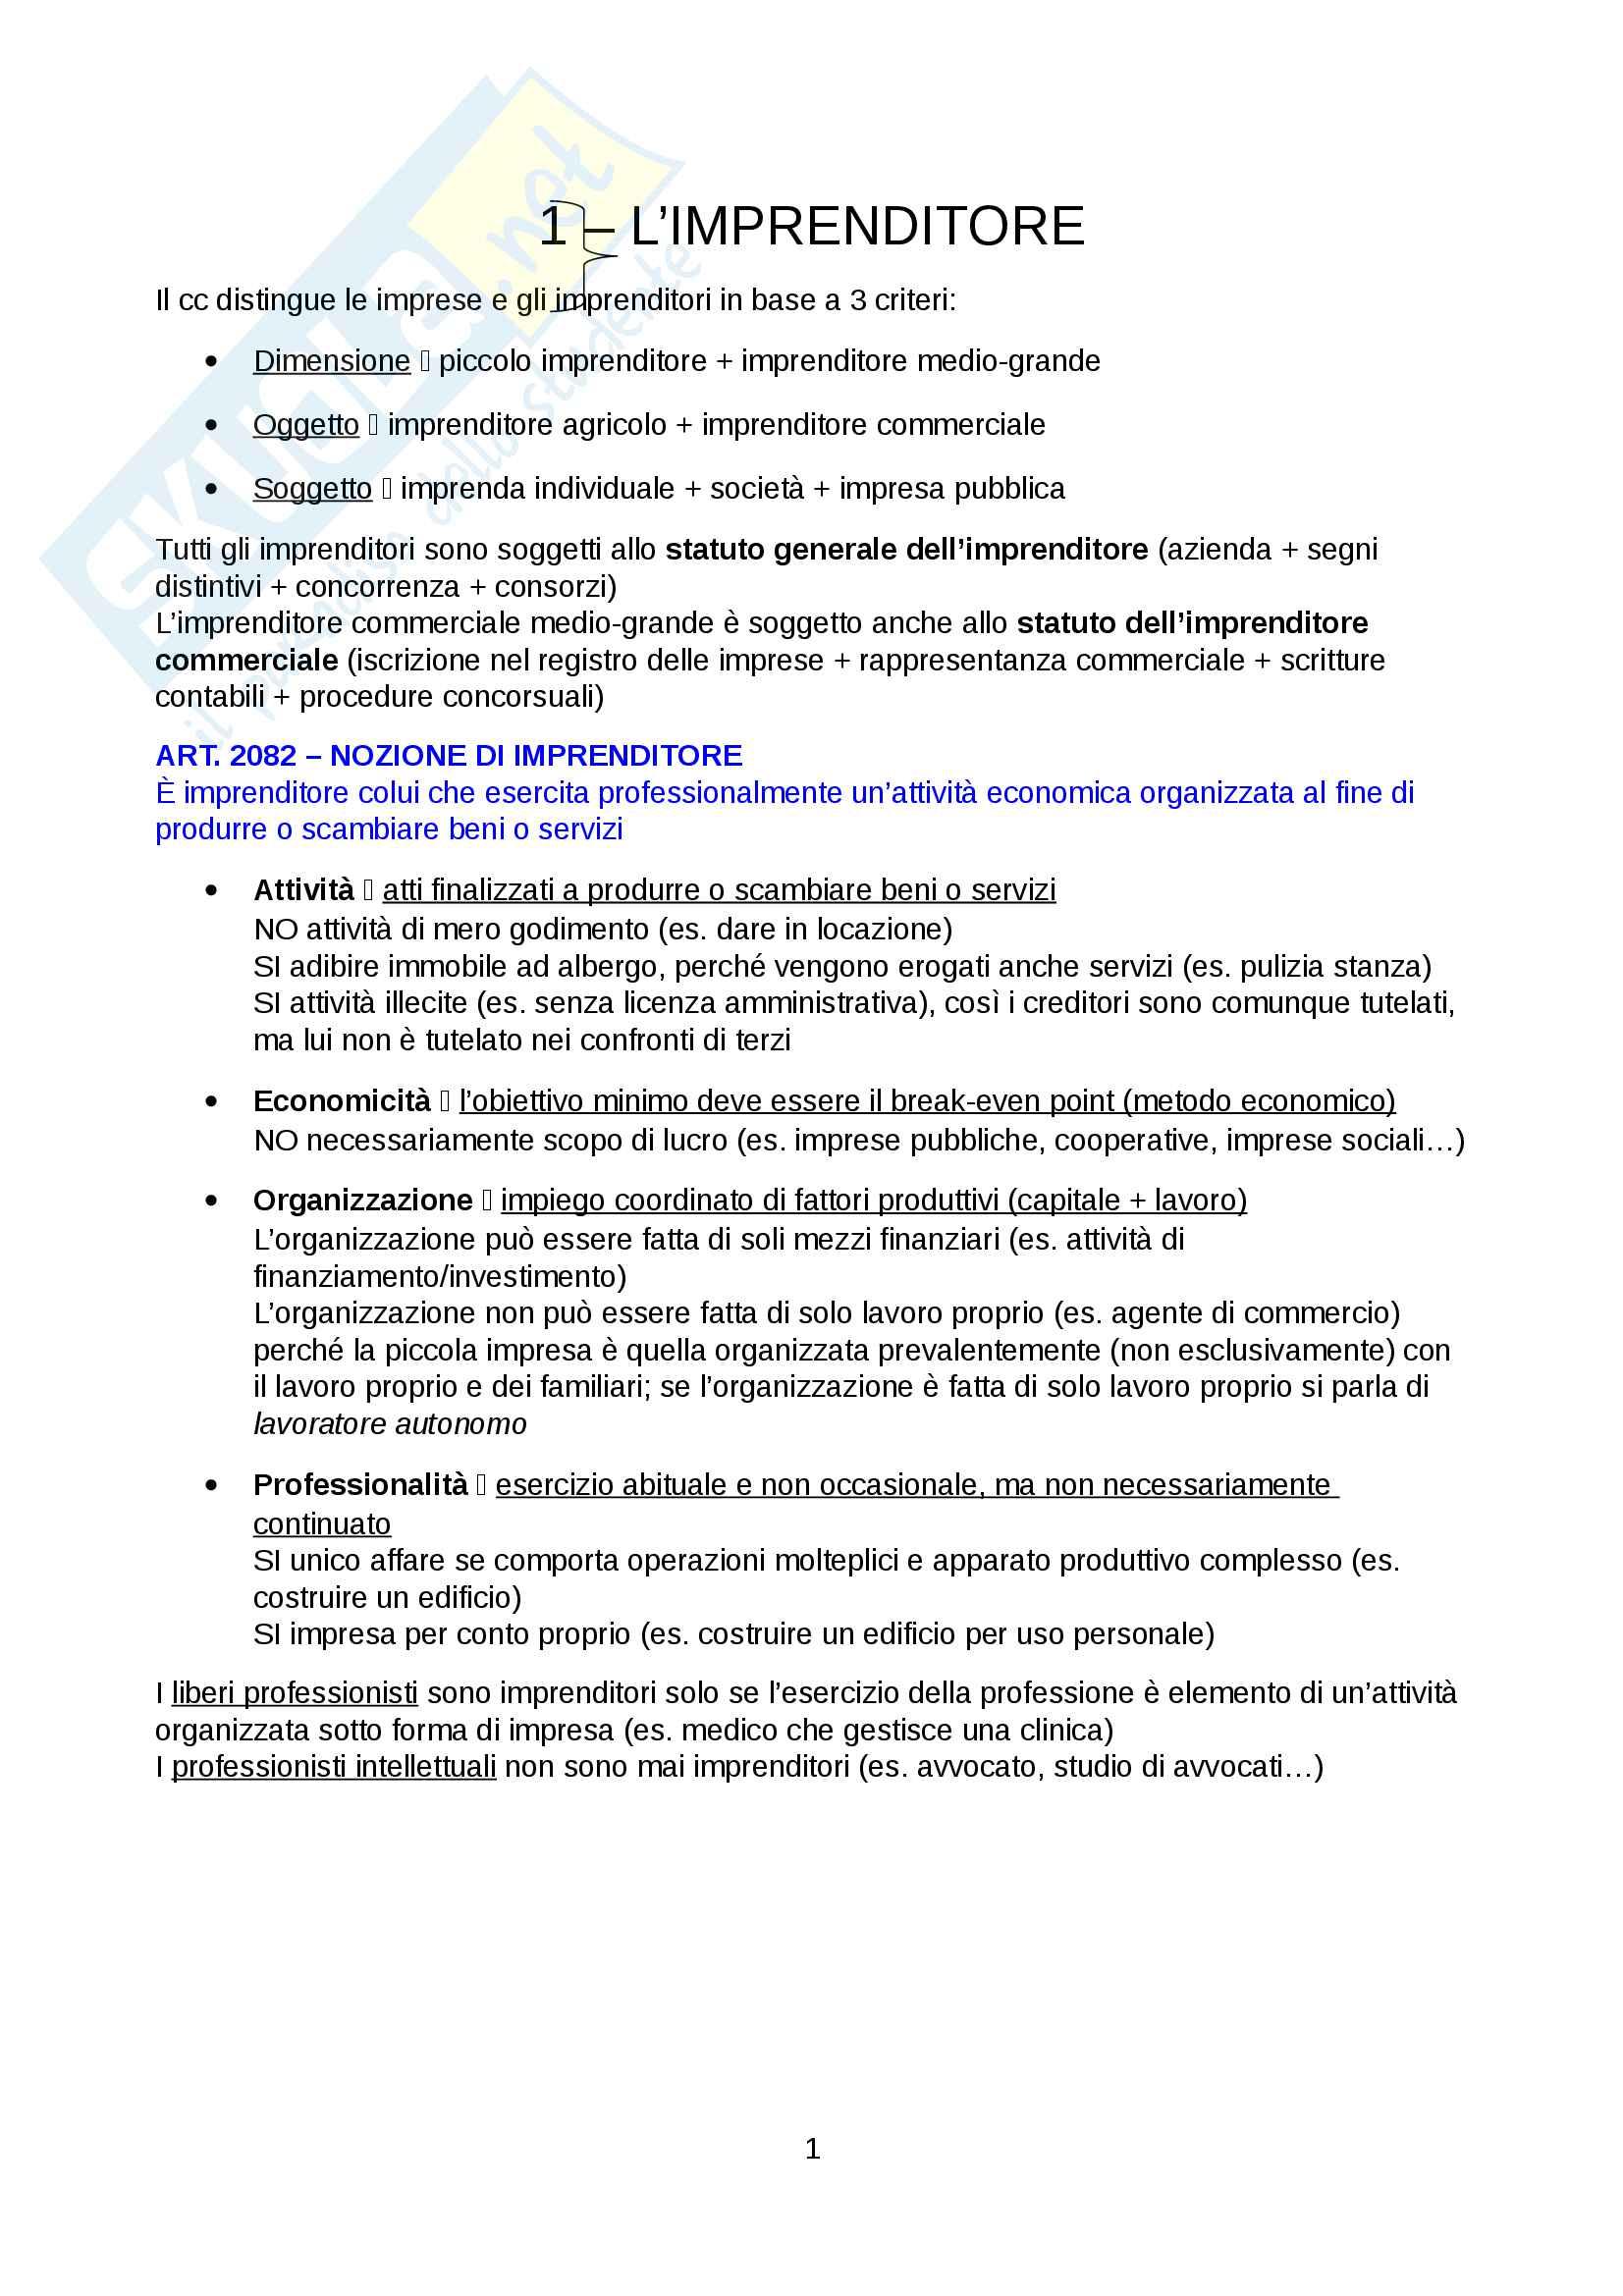 appunto M. Rigotti Diritto commerciale